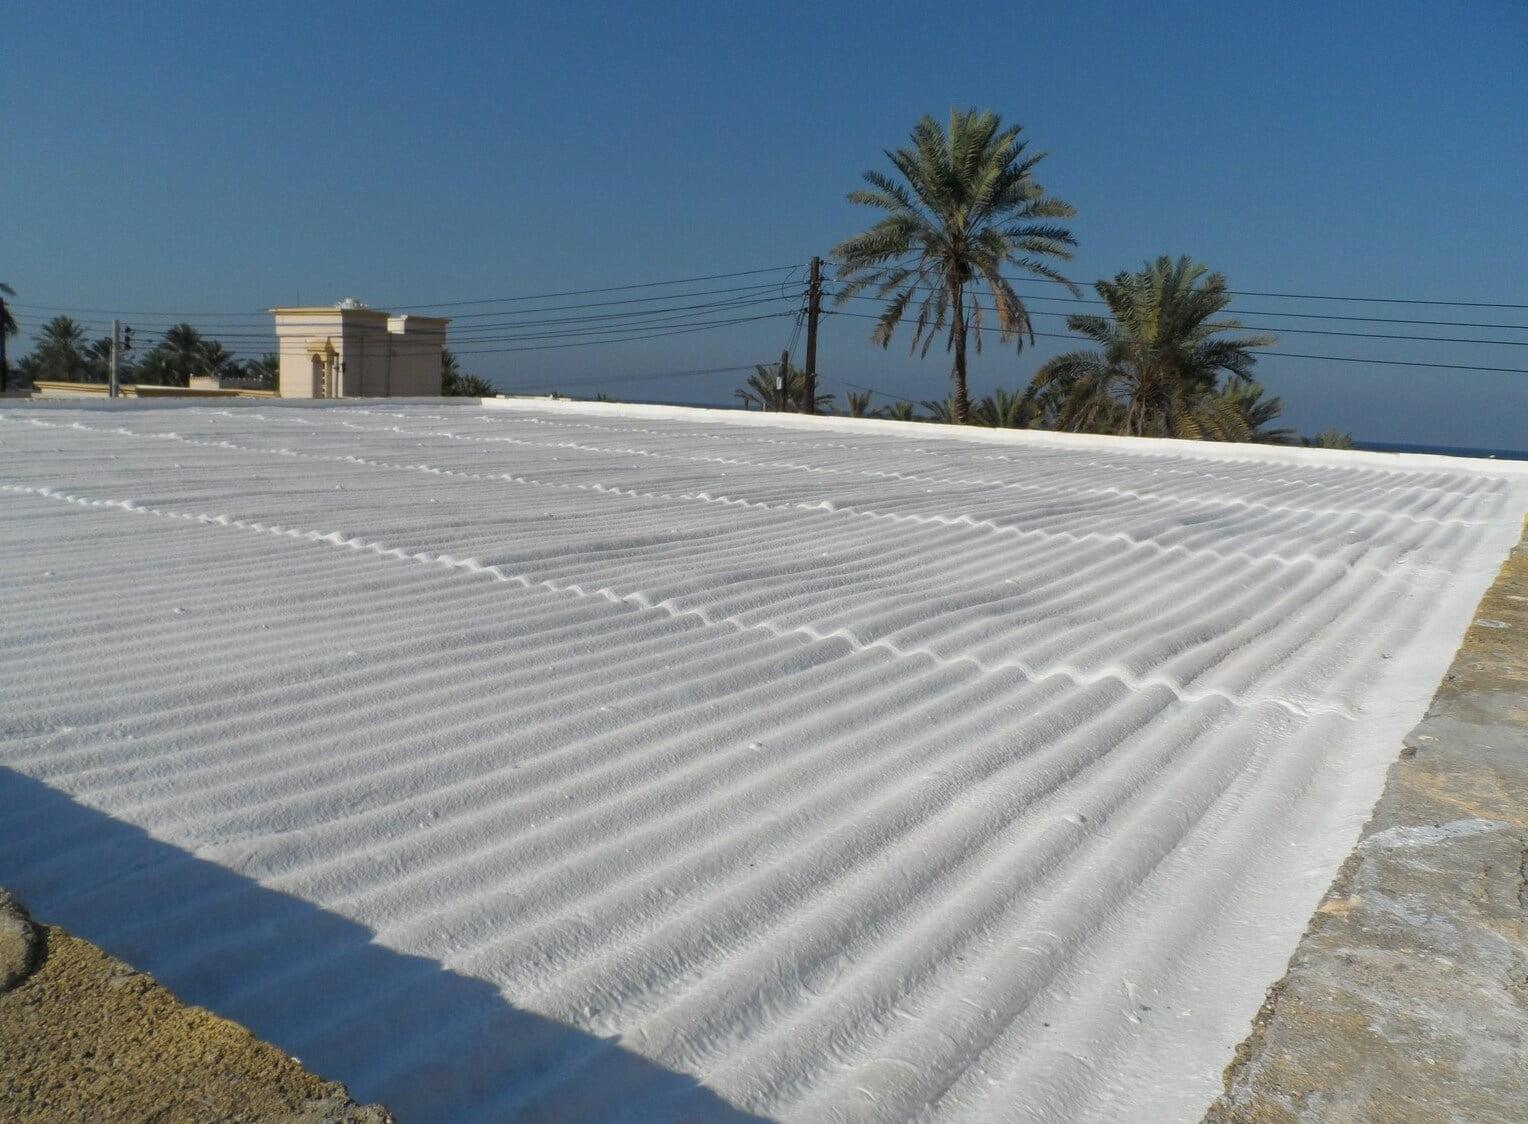 أفضل شركة عزل أسطح في الرياض